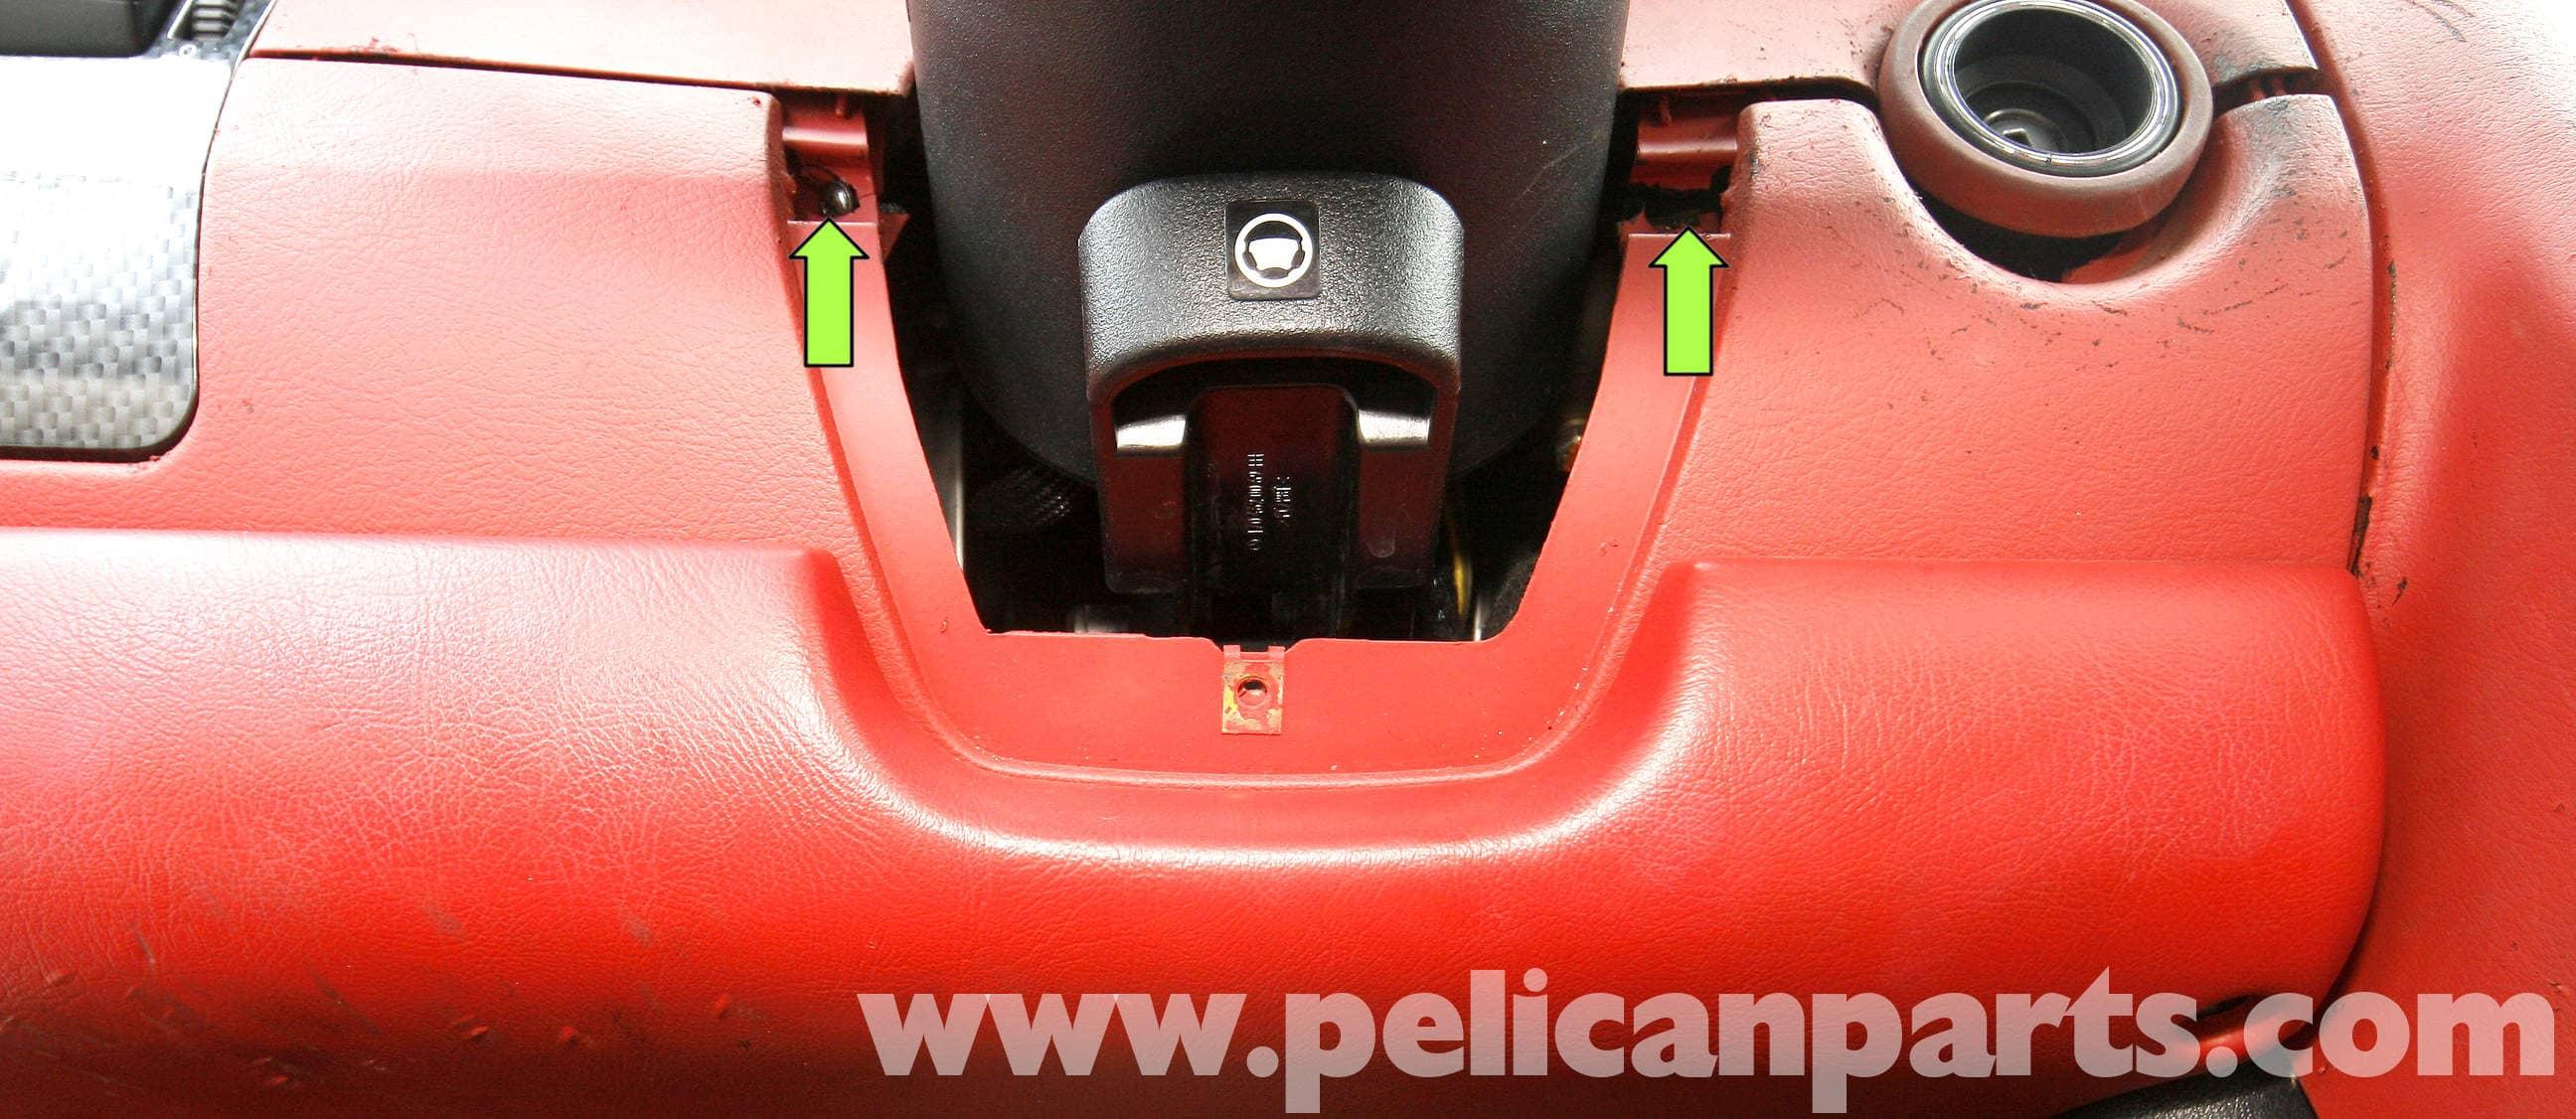 Mercedes Benz Slk 230 Lower Left Dash Panel Removal 1998 2004 Mercedez Cabin Fuse Box Large Image Extra